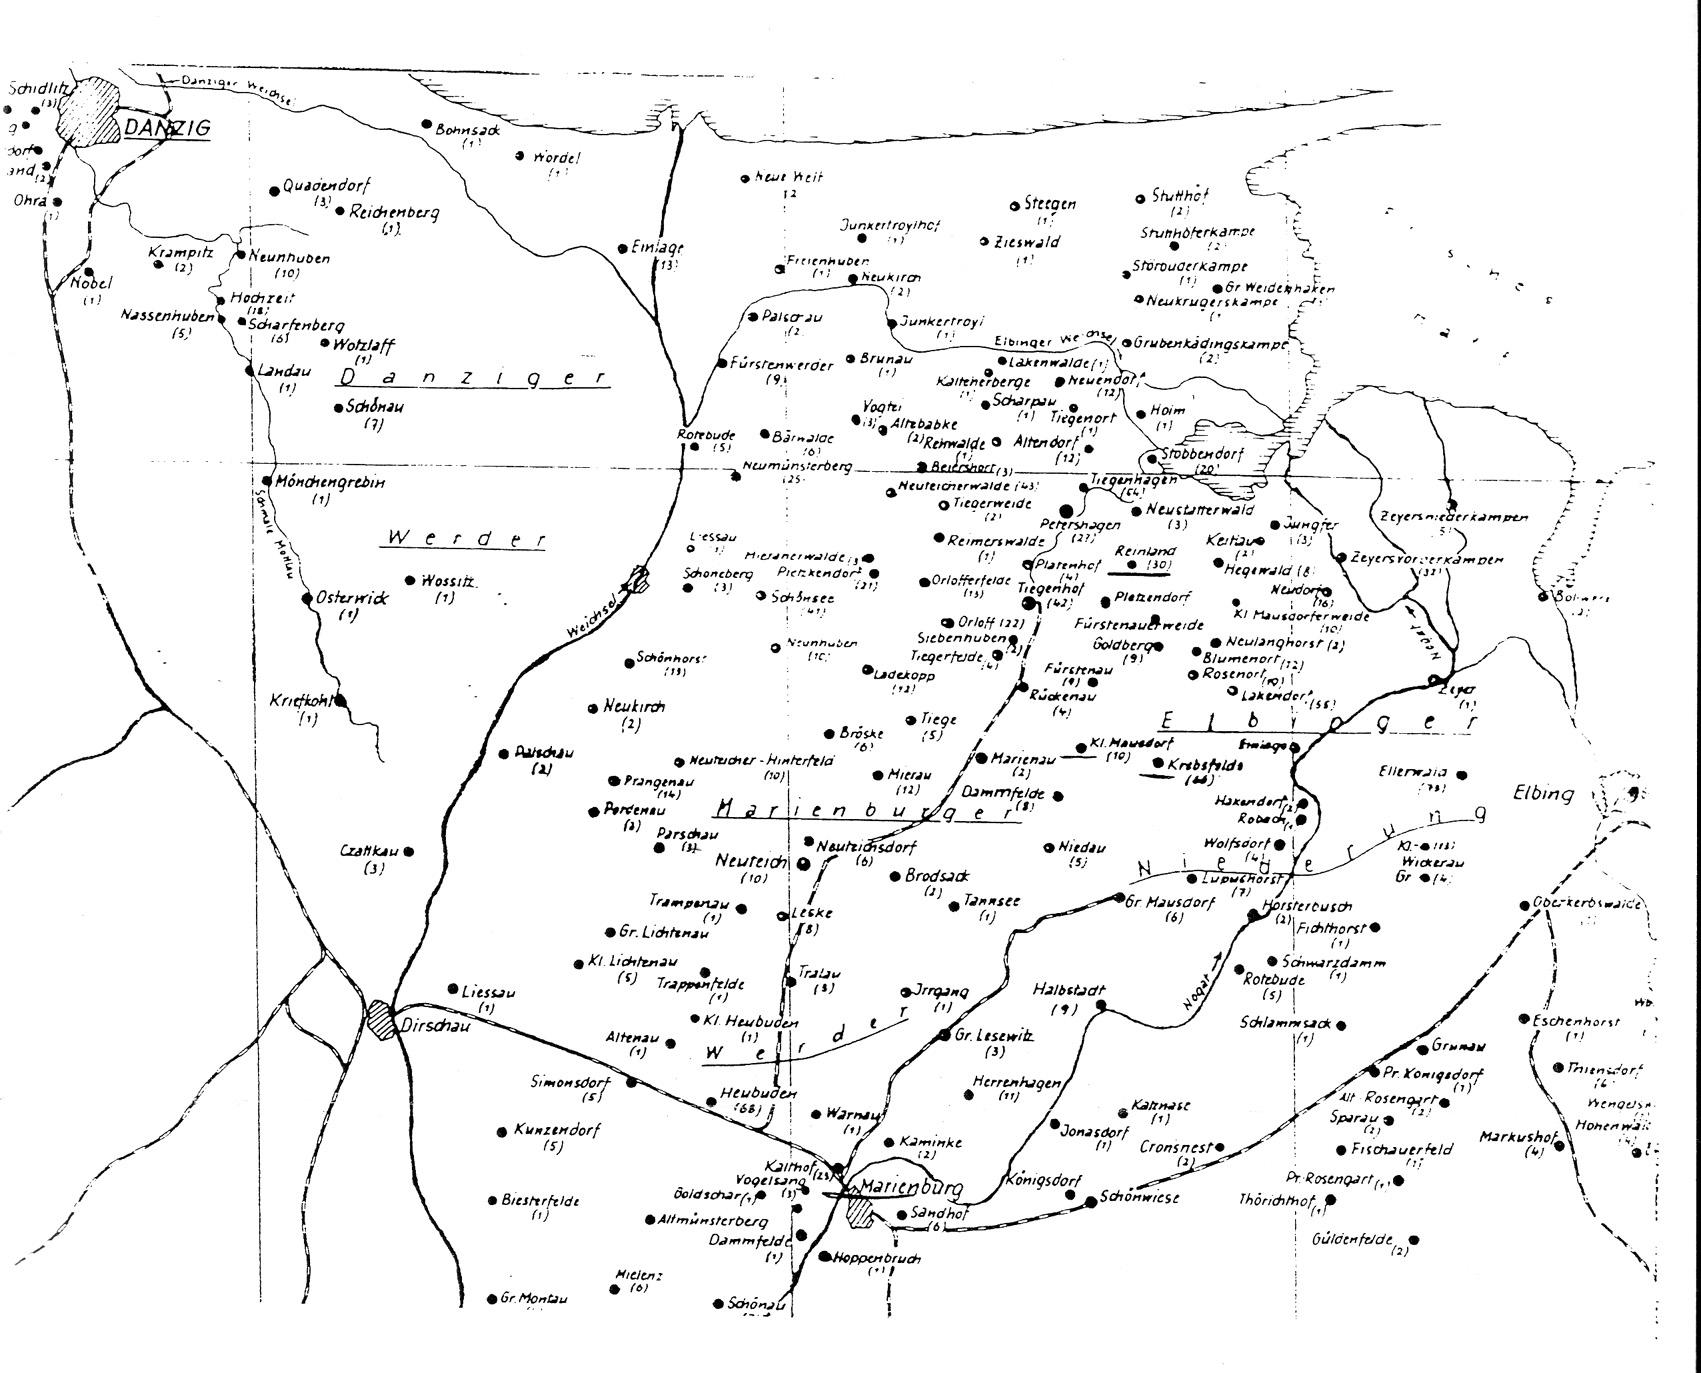 Worksheet. Background Genealogy